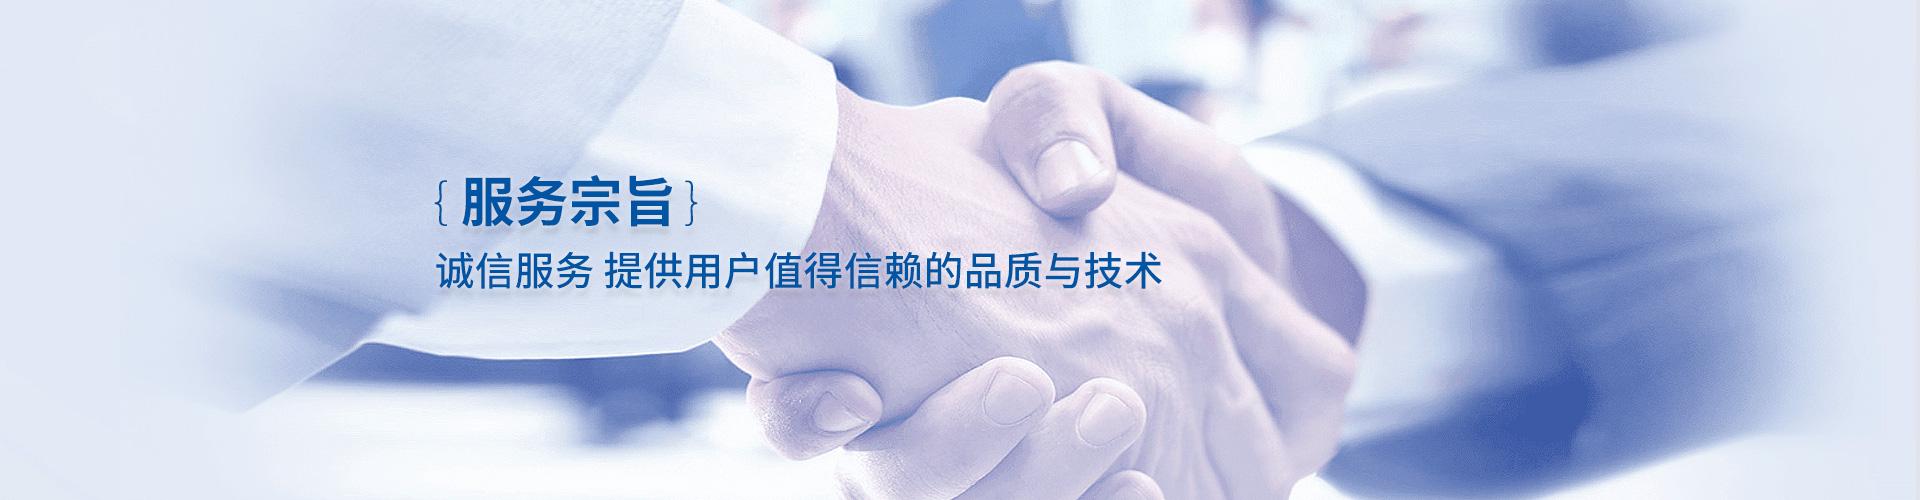 上海灏兴科技有限公司服务宗旨